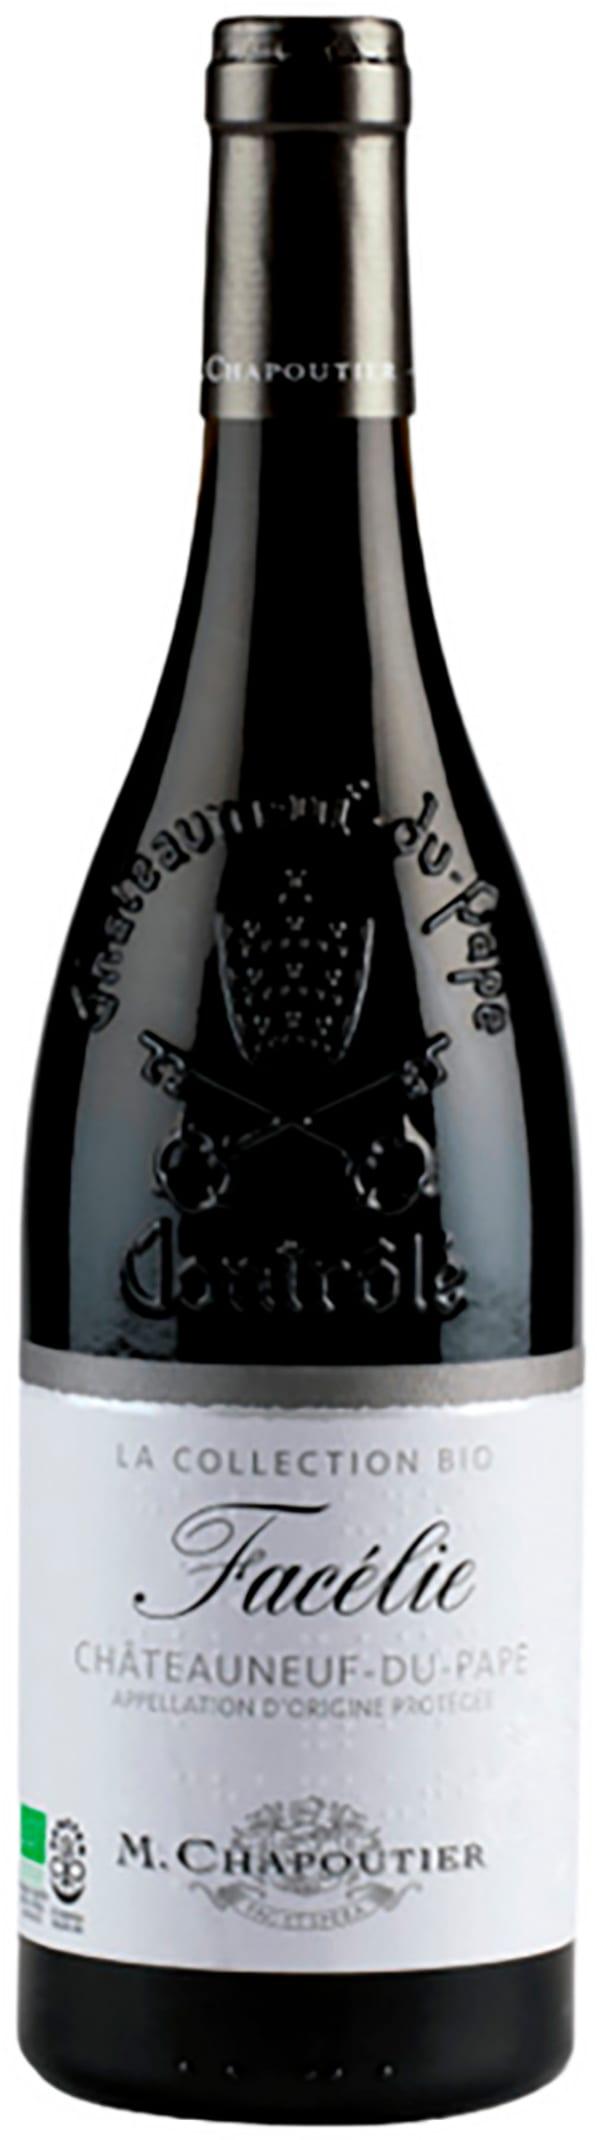 Chapoutier Châteauneuf-du-Pape Bio Collection 2015